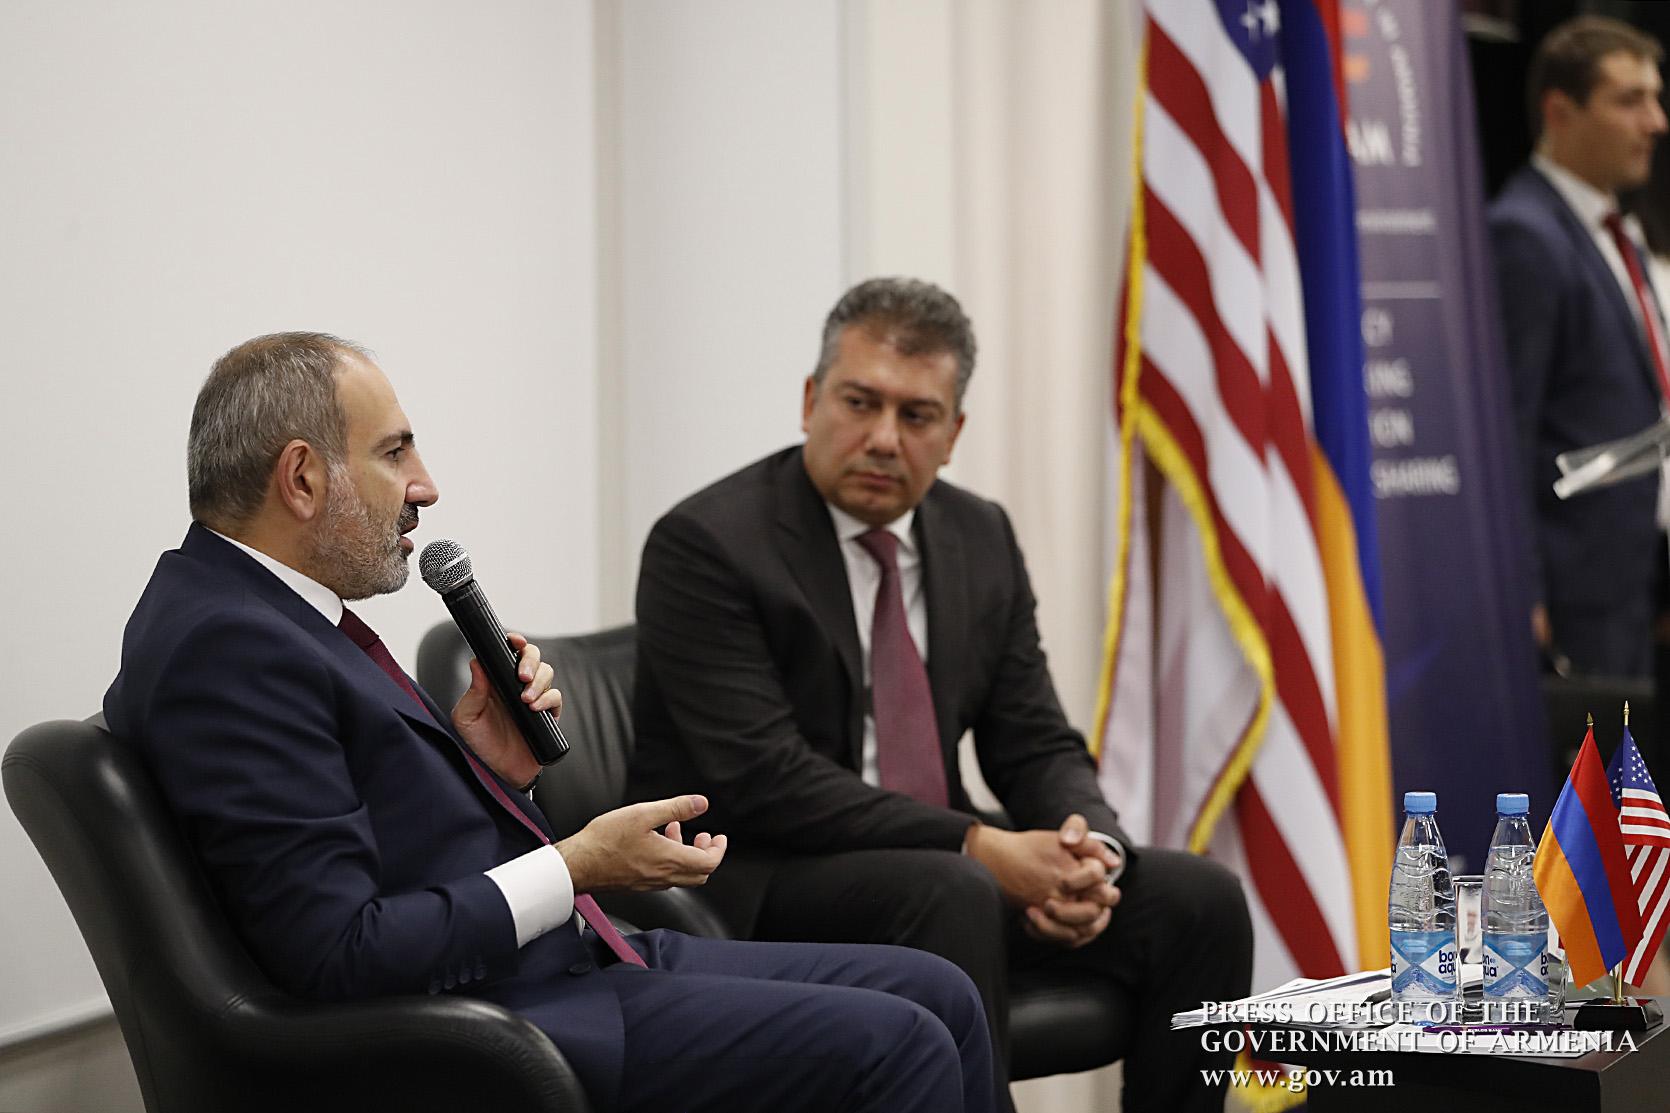 Հայաստանում առկա բարձր տնտեսական տրամադրությունը հույս է տալիս, որ  2020-ին կմեծացնենք տնտեսական աճի տեմպերը. վարչապետ